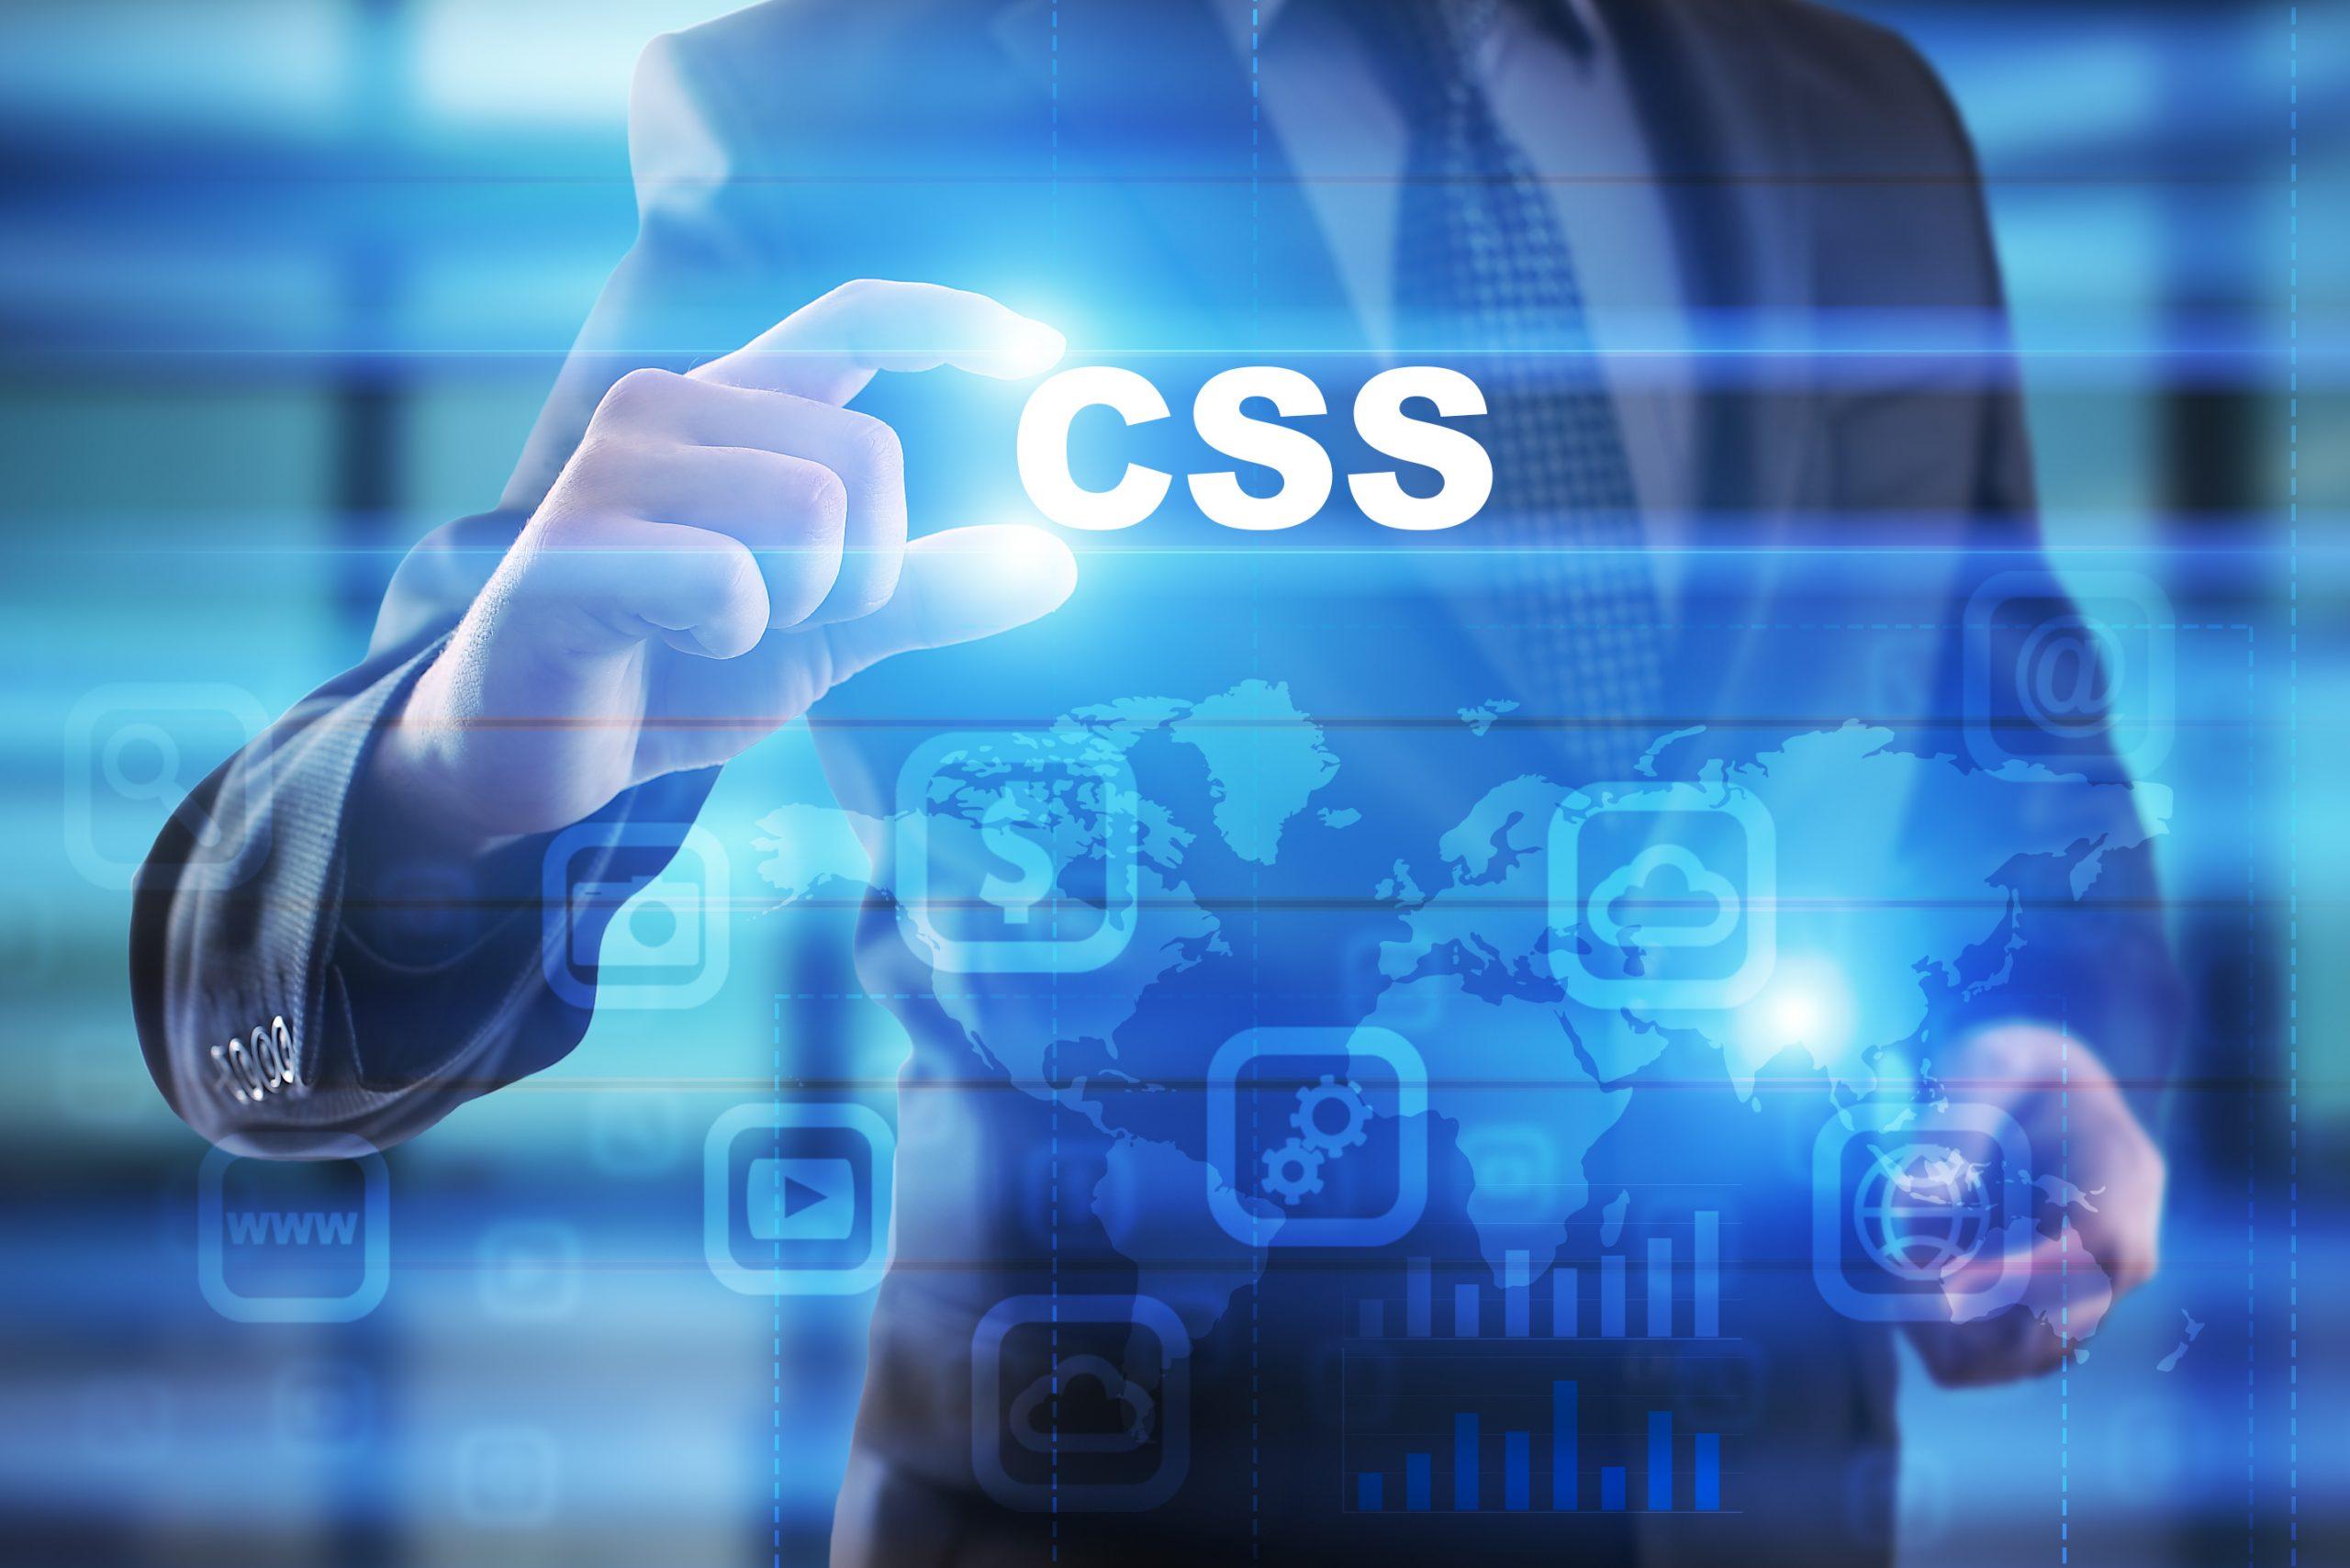 Mann mit Anzug greift CSS Schriftzug